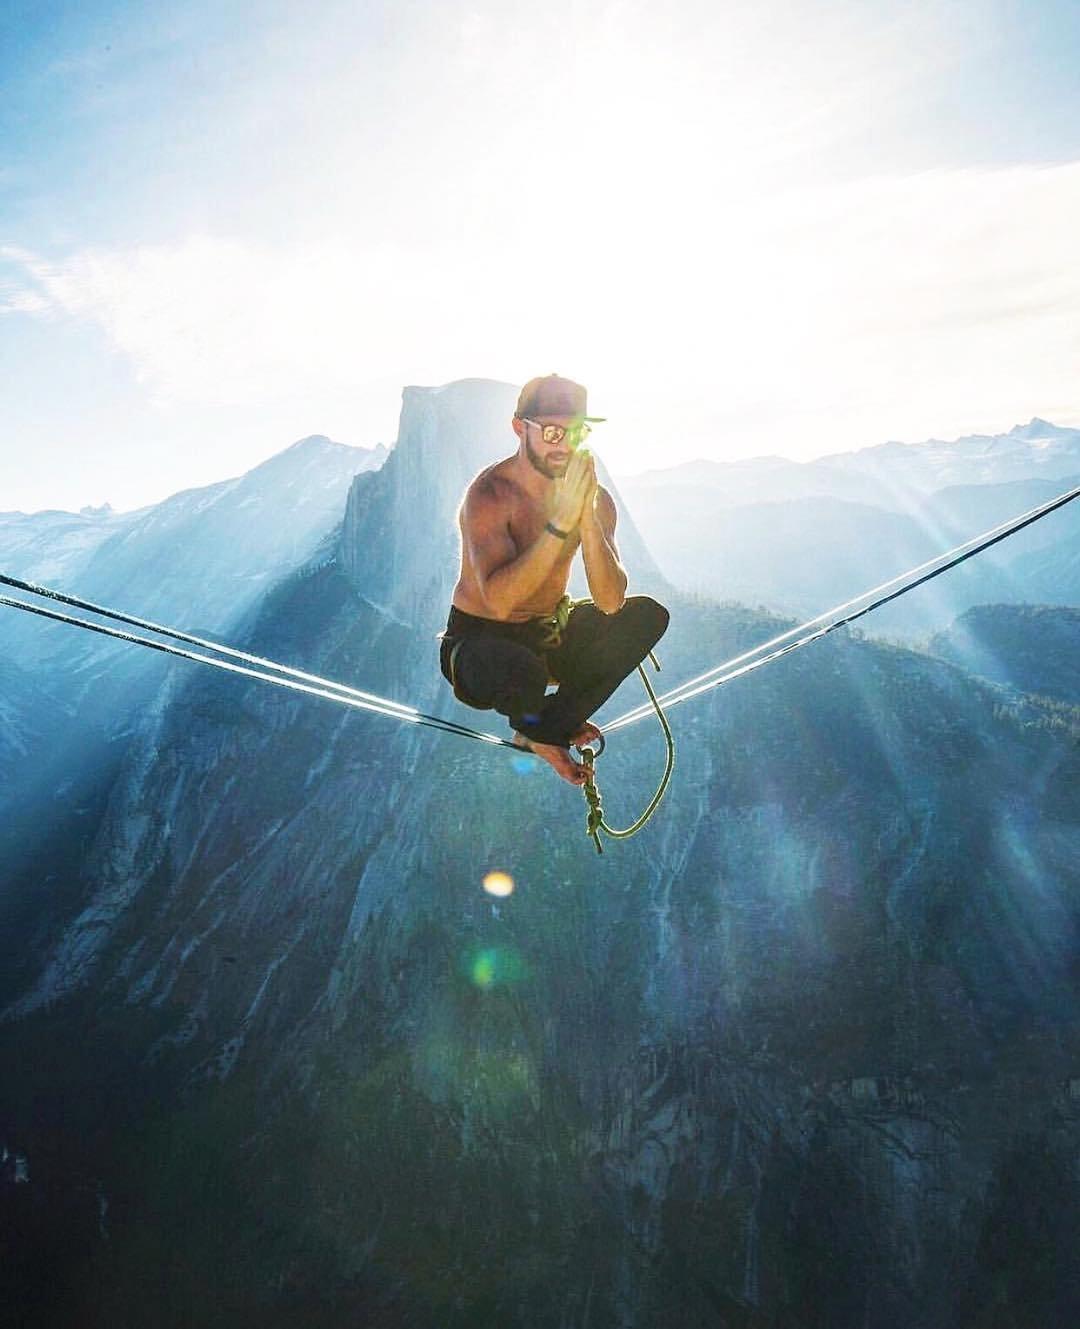 Трюки экстремала хайлайнера, который совершенно не боится высоты